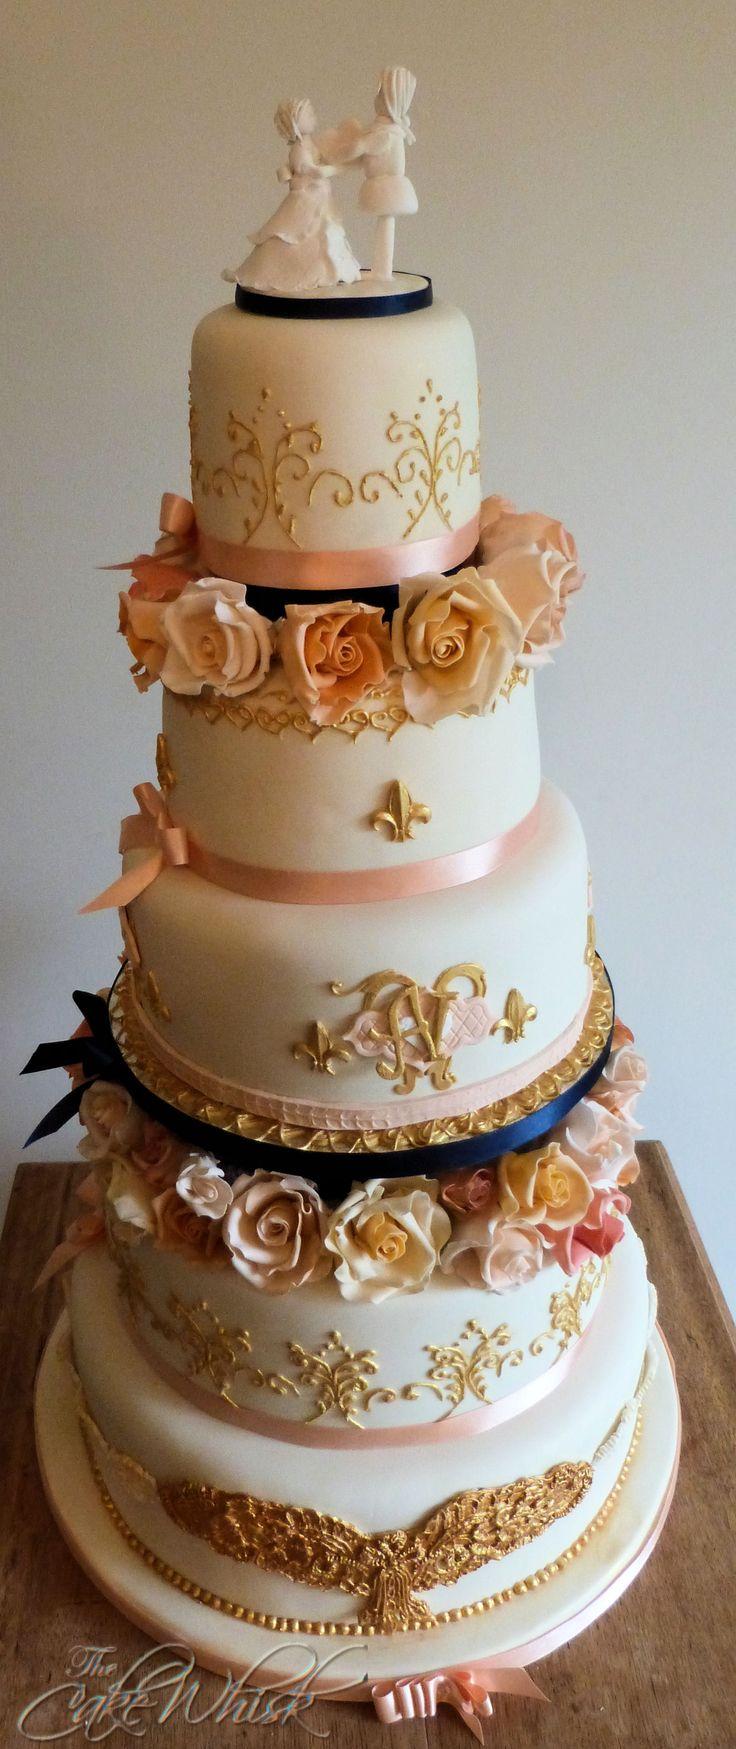 33 best Wedding Cakes innovative stylish elegant bespoke images